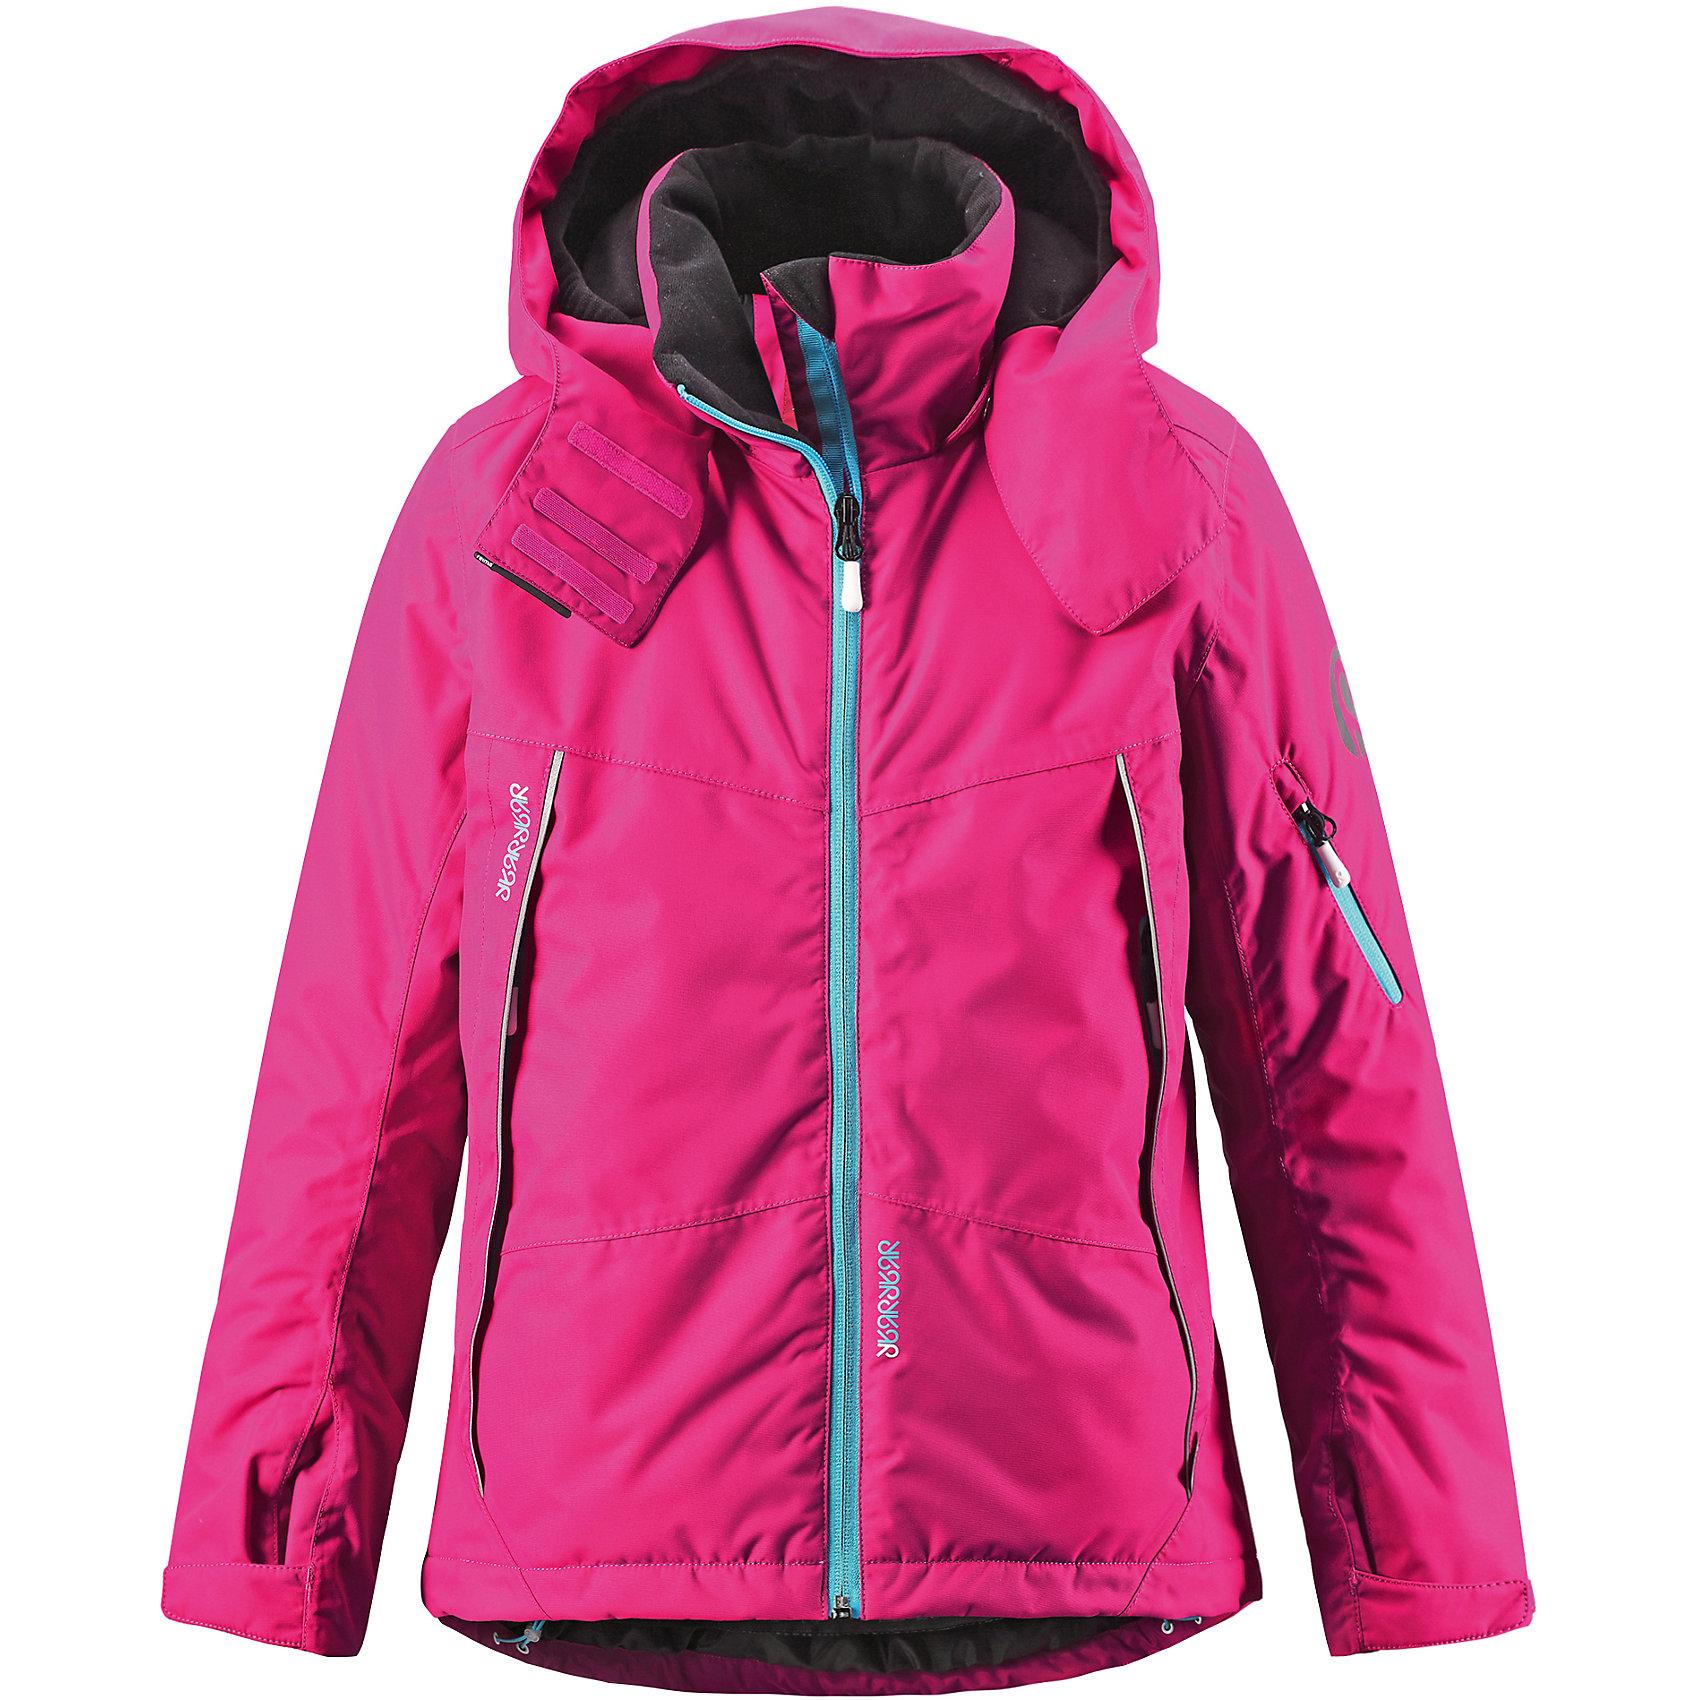 Куртка Rinne ReimaОдежда<br>Зимняя куртка для подростков. Основные швы проклеены и не пропускают влагу. Водо- и ветронепроницаемый, «дышащий» и грязеотталкивающий материал. Крой для девочек. Гладкая подкладка из полиэстра. Безопасный, отстегивающийся и регулируемый капюшон. Регулируемые манжеты и внутренние манжеты из лайкры. Регулируемый подол, снегозащитный манжет на талии .Новая усовершенствованная молния — больше не застревает! Молнии контрастного цвета. Карманы на молнии, карман для skipass на рукаве. Карман для очков и внутренний нагрудный карман .<br>Состав:<br>100% ПЭ, ПУ-покрытие<br><br>Ширина мм: 356<br>Глубина мм: 10<br>Высота мм: 245<br>Вес г: 519<br>Цвет: розовый<br>Возраст от месяцев: 108<br>Возраст до месяцев: 120<br>Пол: Унисекс<br>Возраст: Детский<br>Размер: 140,146,122,128,134,116<br>SKU: 5309291